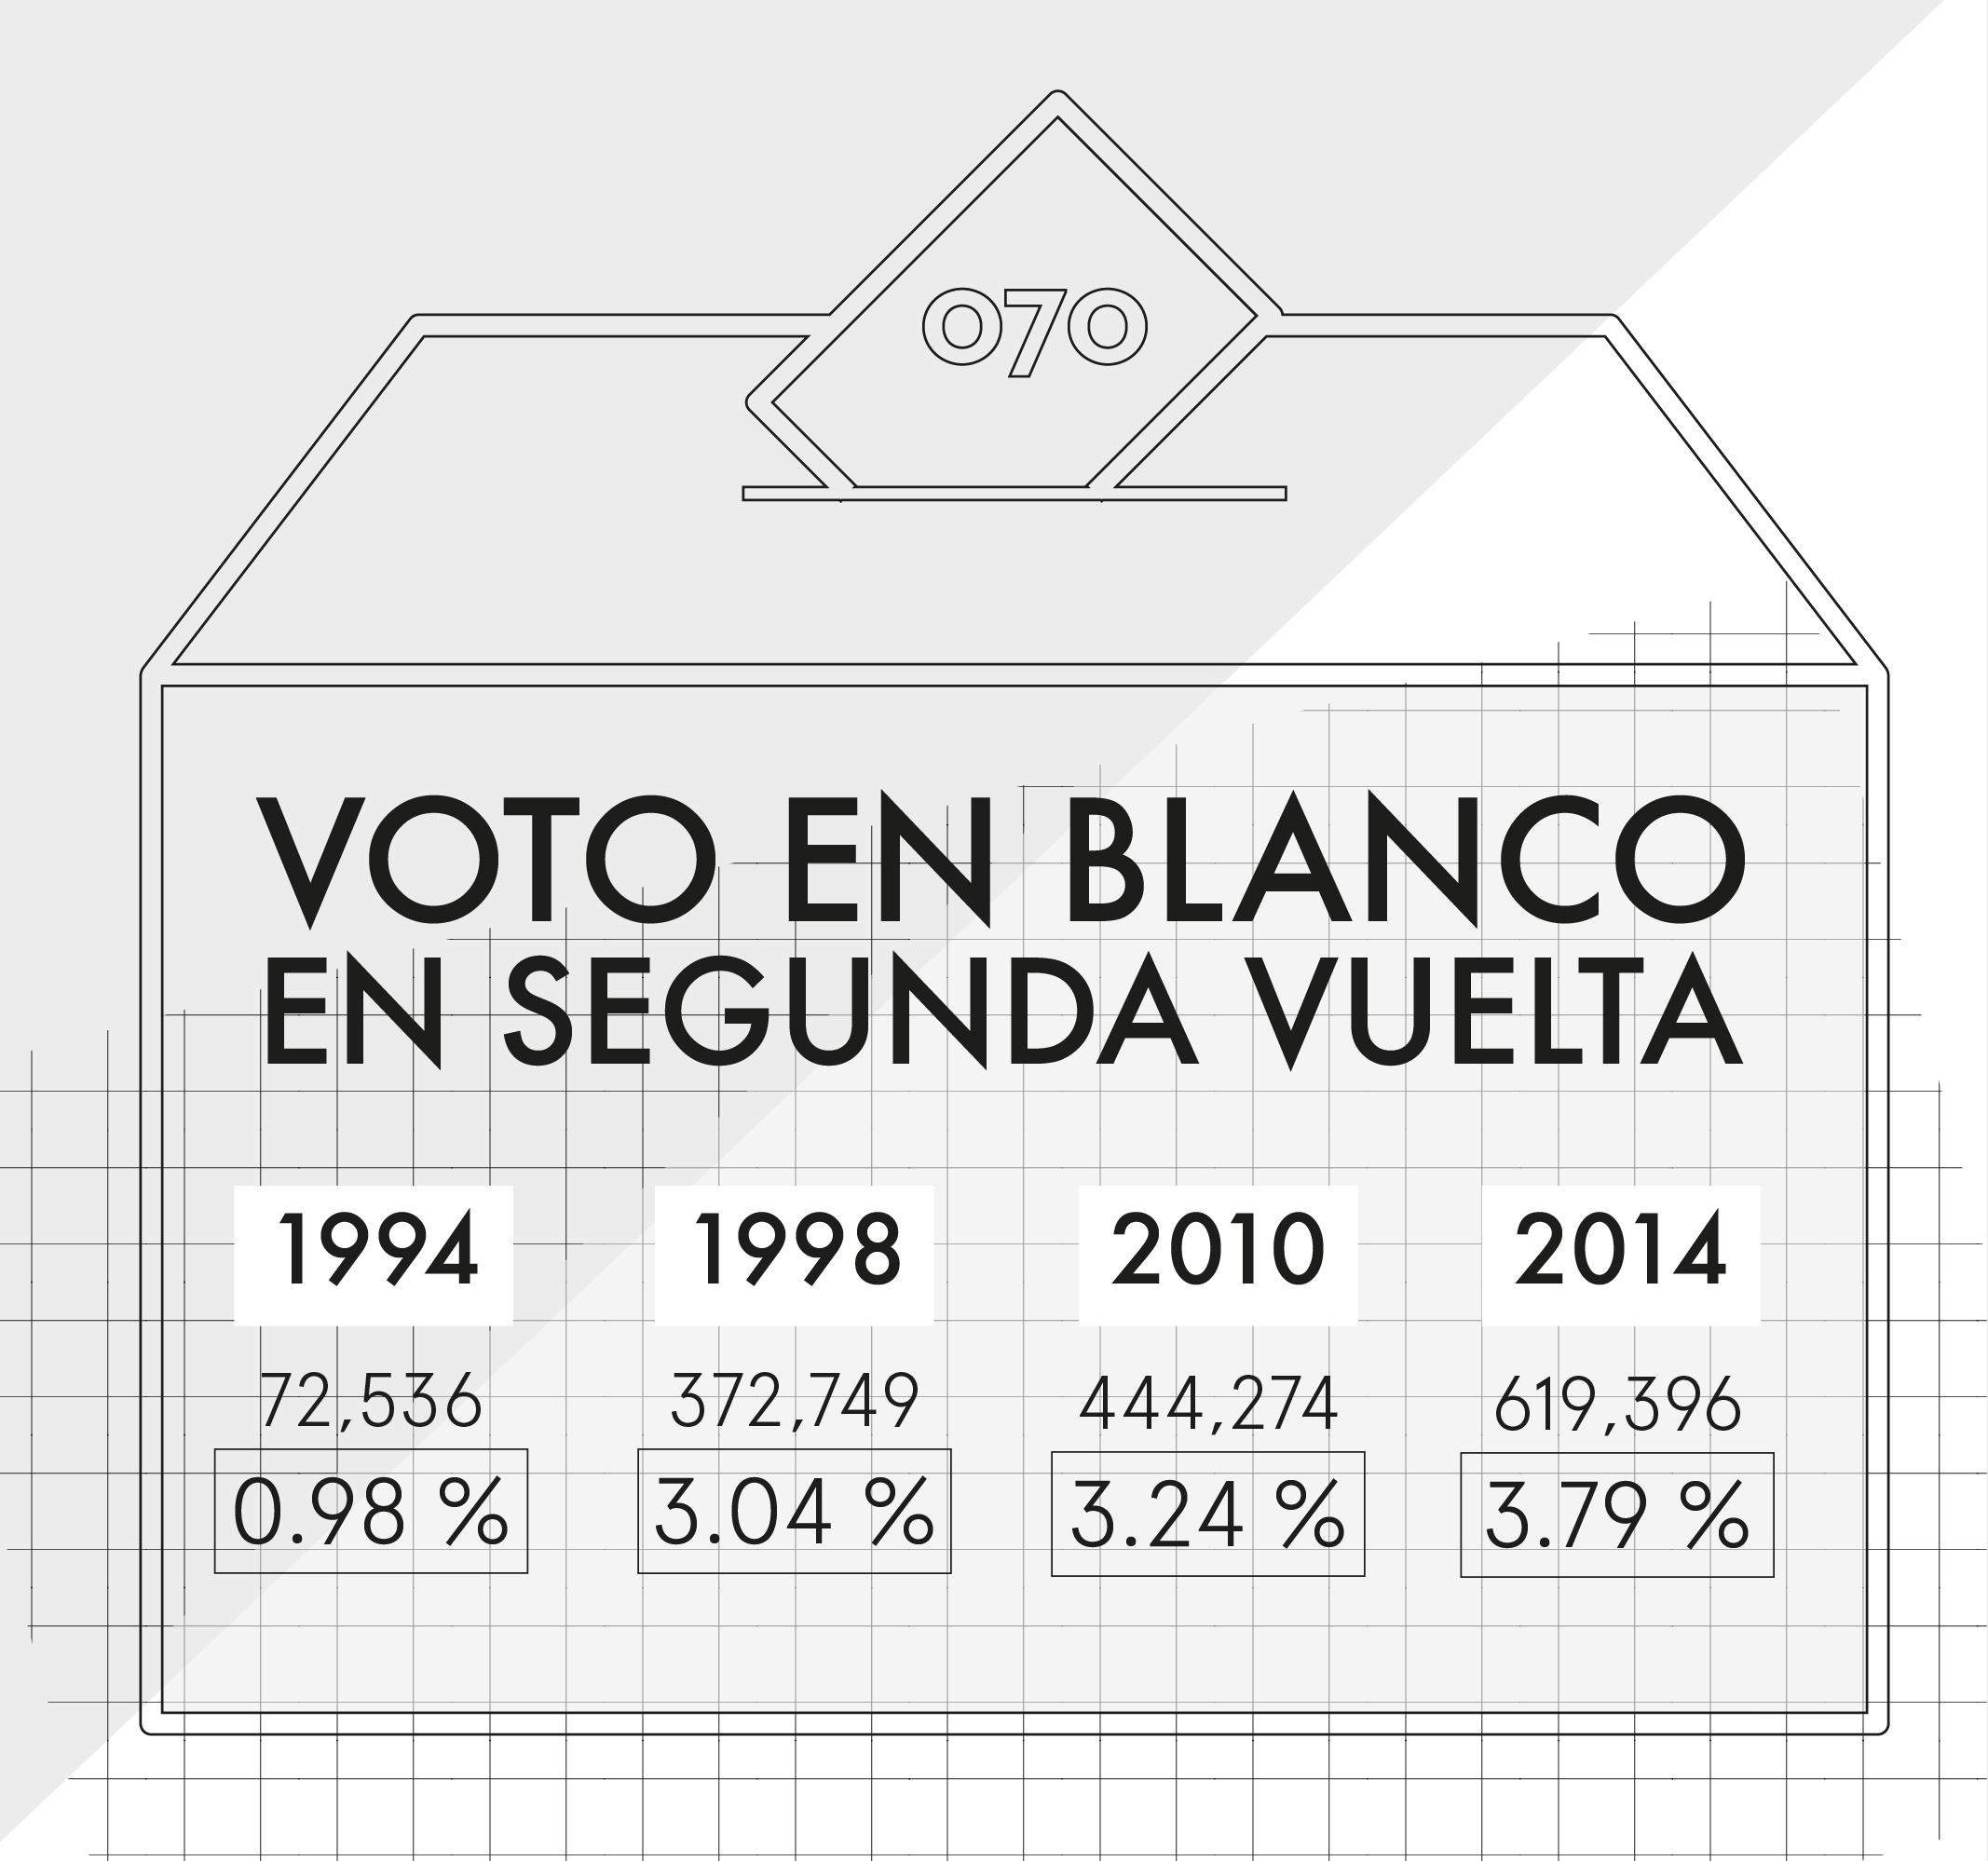 ¿Qué pasa con el voto en blanco en segunda vuelta?